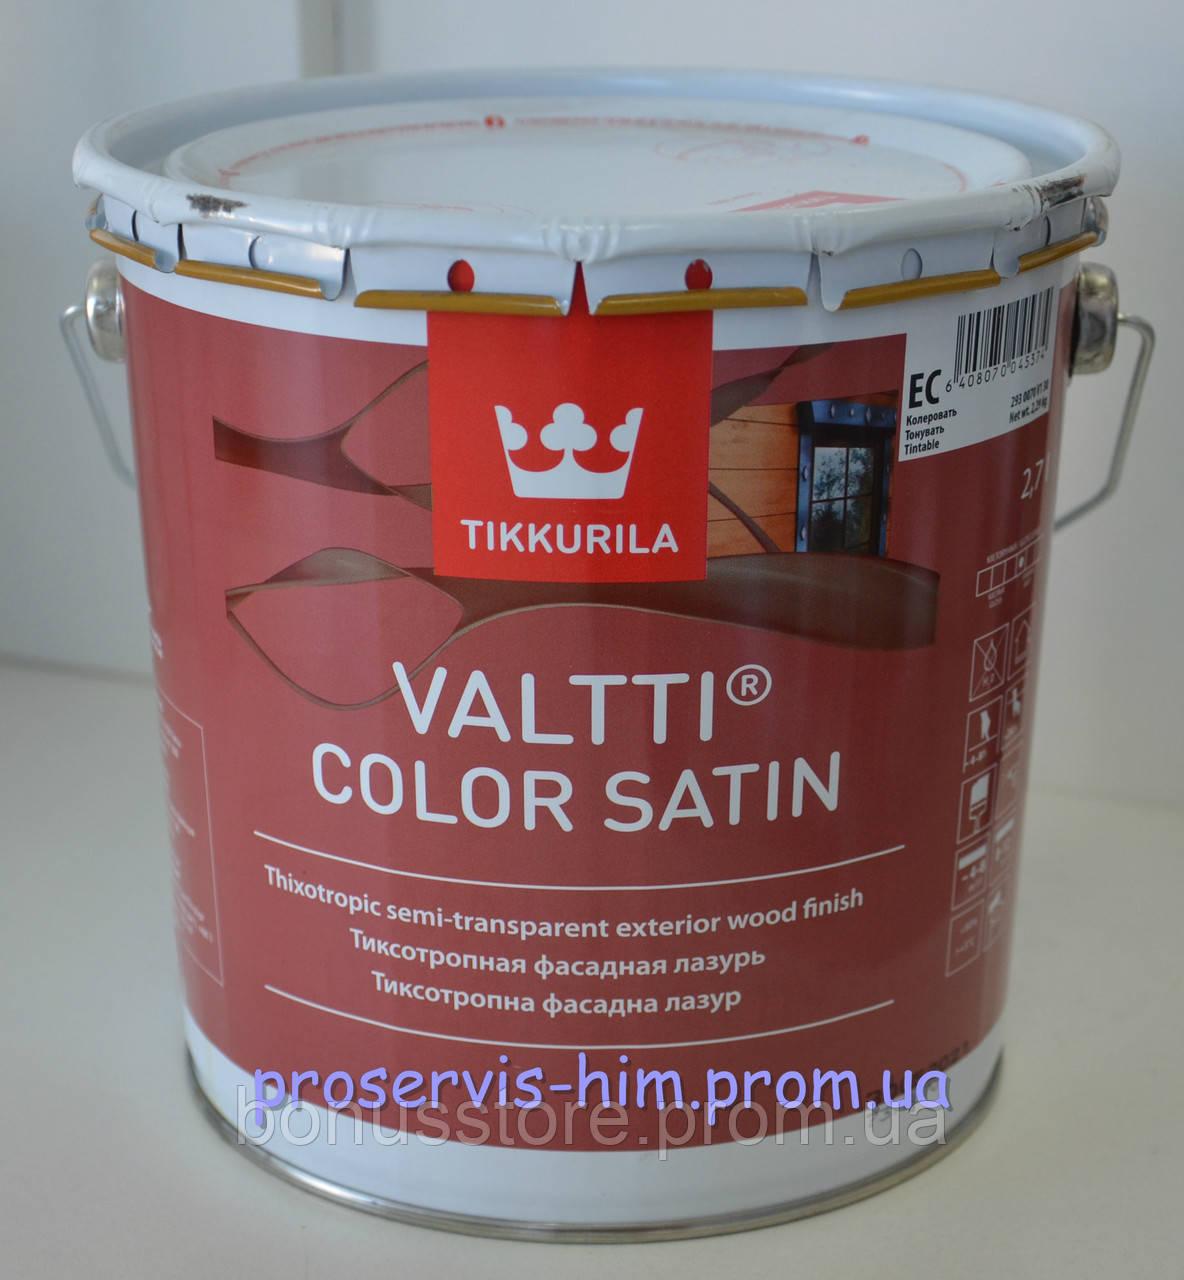 Валтти Колор - антисептик с сатиновым блеском Tikkurila Valtti Color Satin 2,7л - ПРОФ-ХИМ express в Виннице